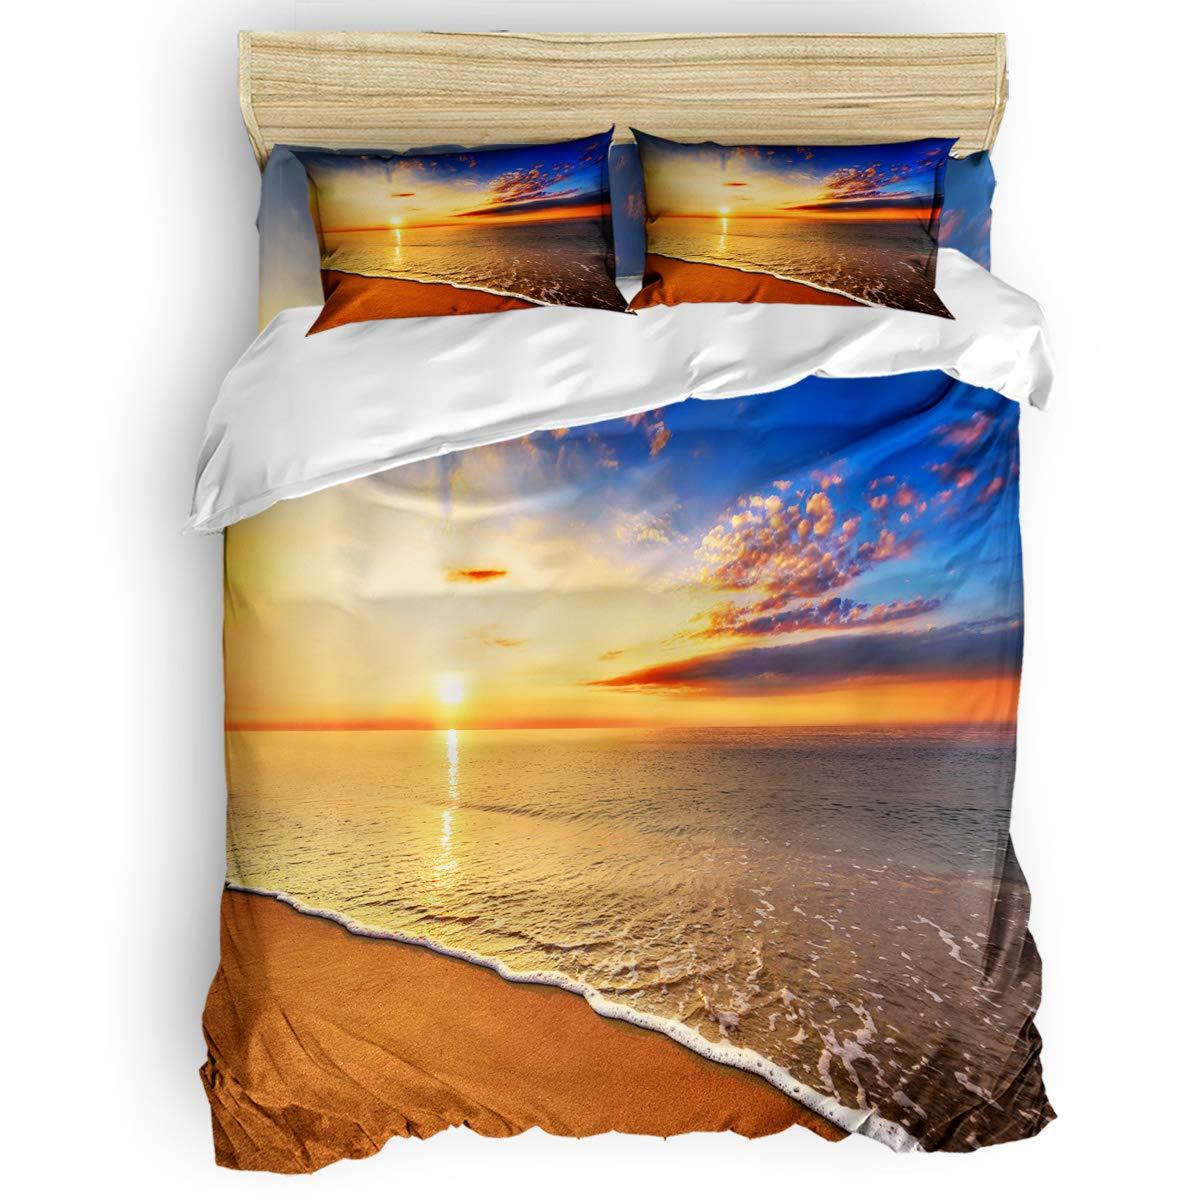 掛け布団カバー 4点セット 亀タートル ココナッツツ 海の波 寝具カバーセット ベッド用 べッドシーツ 枕カバー 洋式 和式兼用 布団カバー 肌に優しい 羽毛布団セット 100%ポリエステル キング B07TG8Y9XY sunriseLAS2781 キング